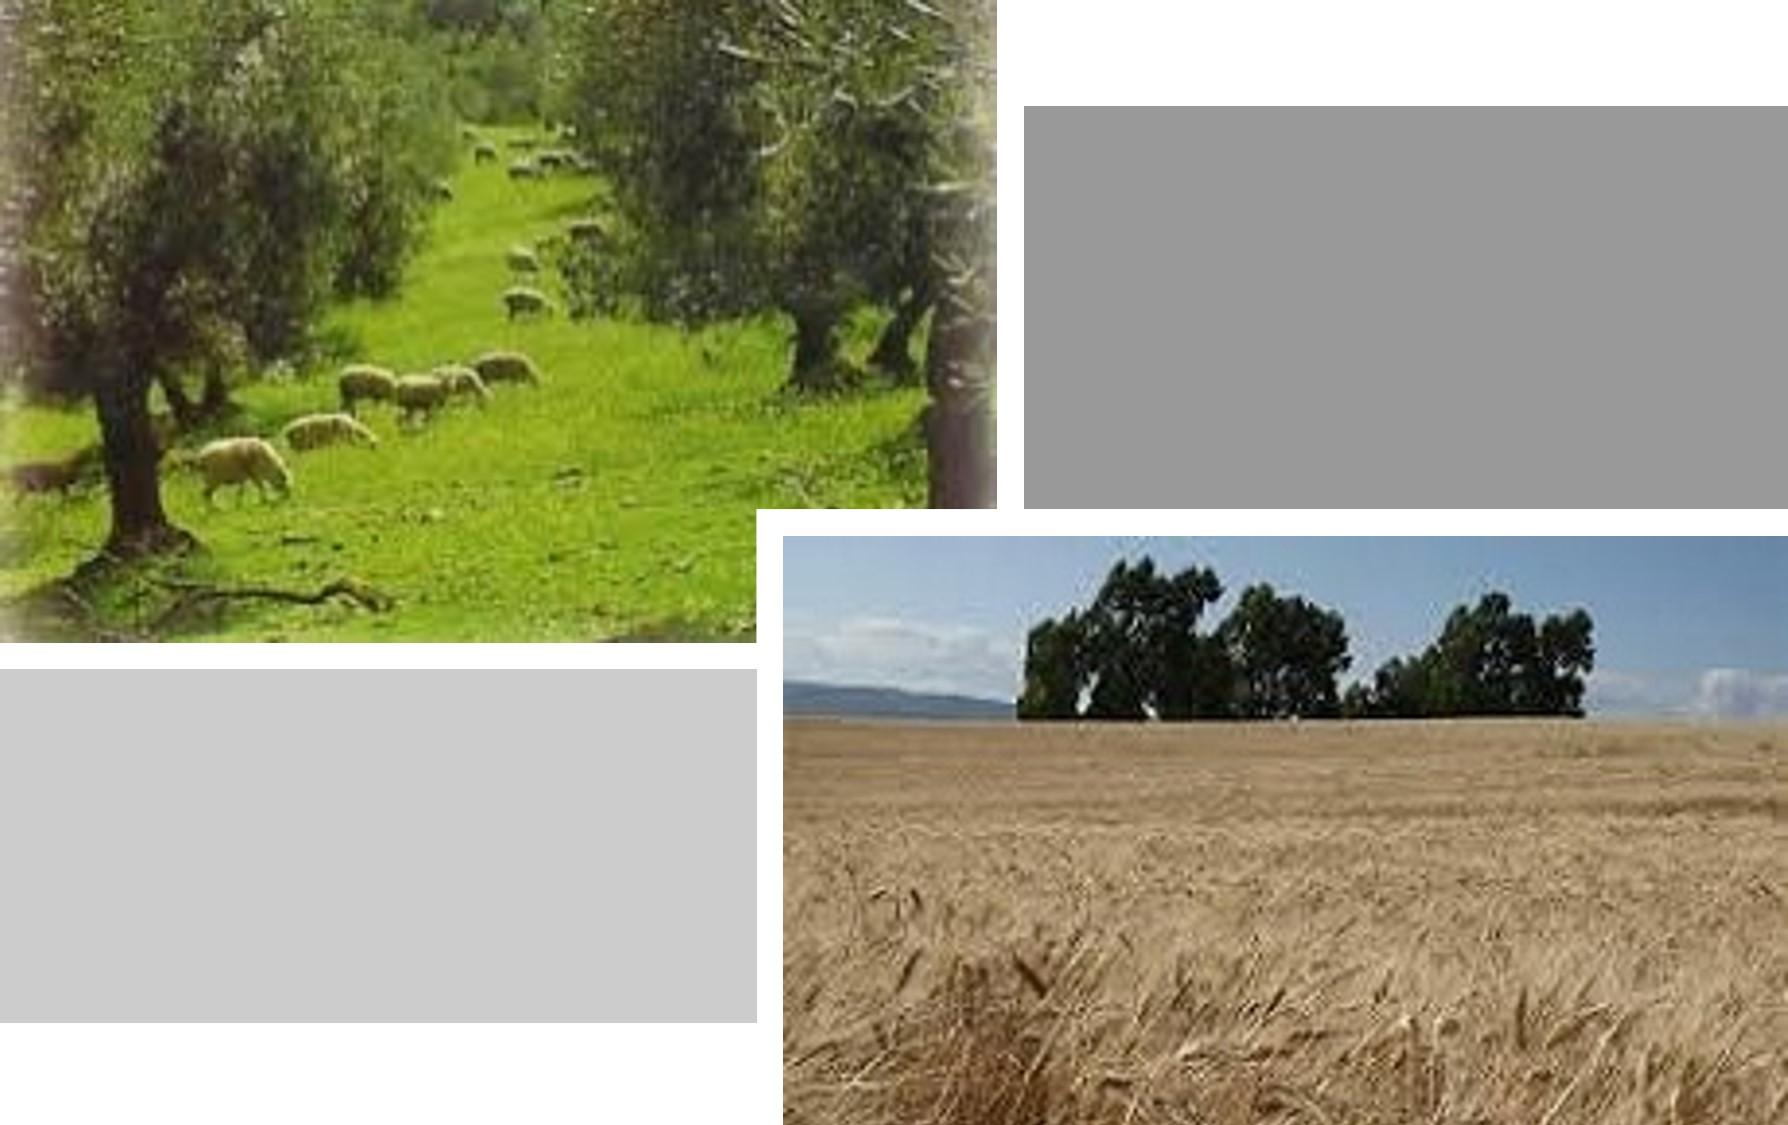 Paisajes agrícolas y ganaderos